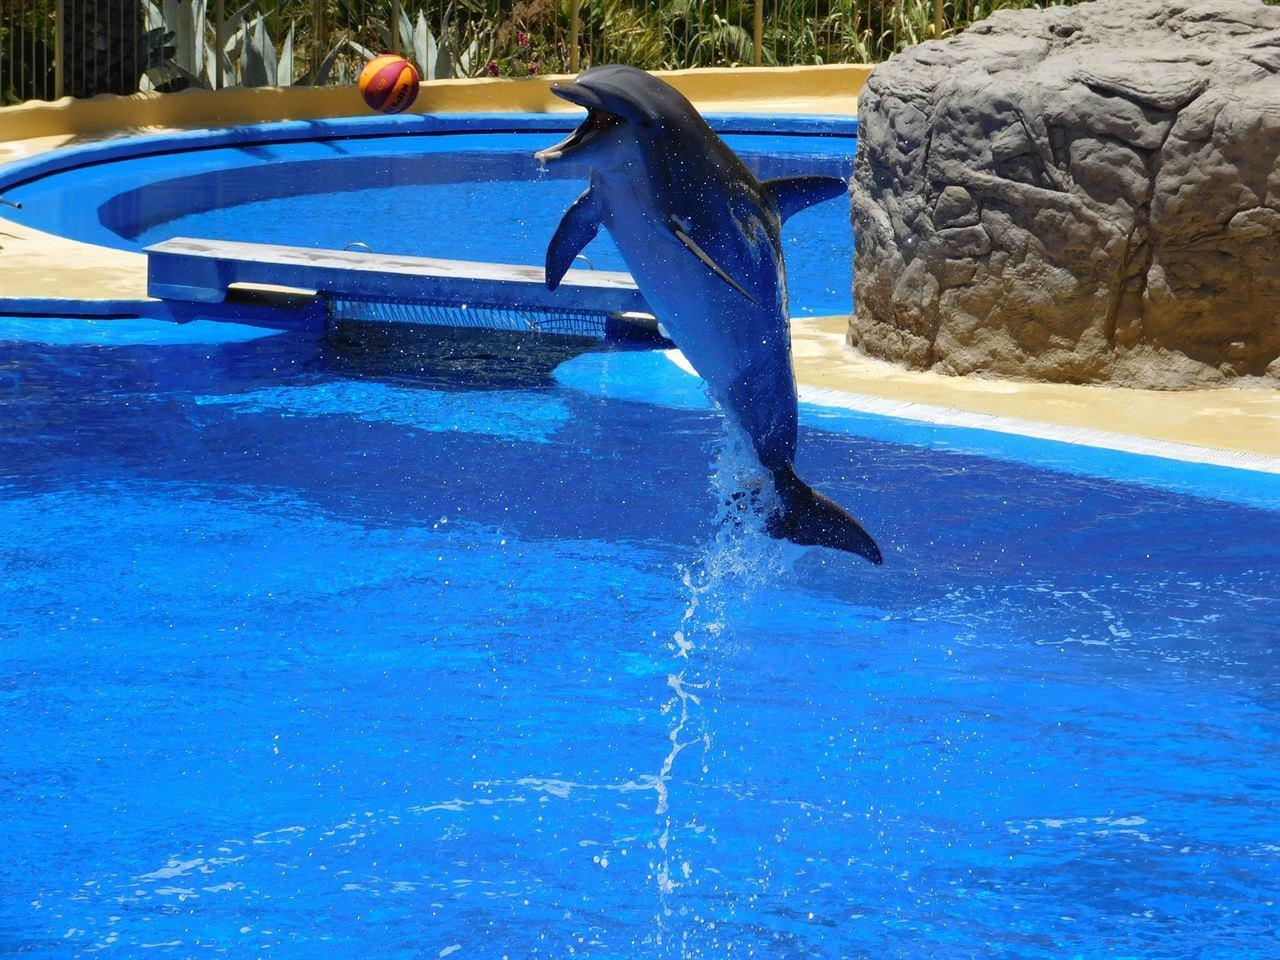 Балийский дельфин ловит мячик